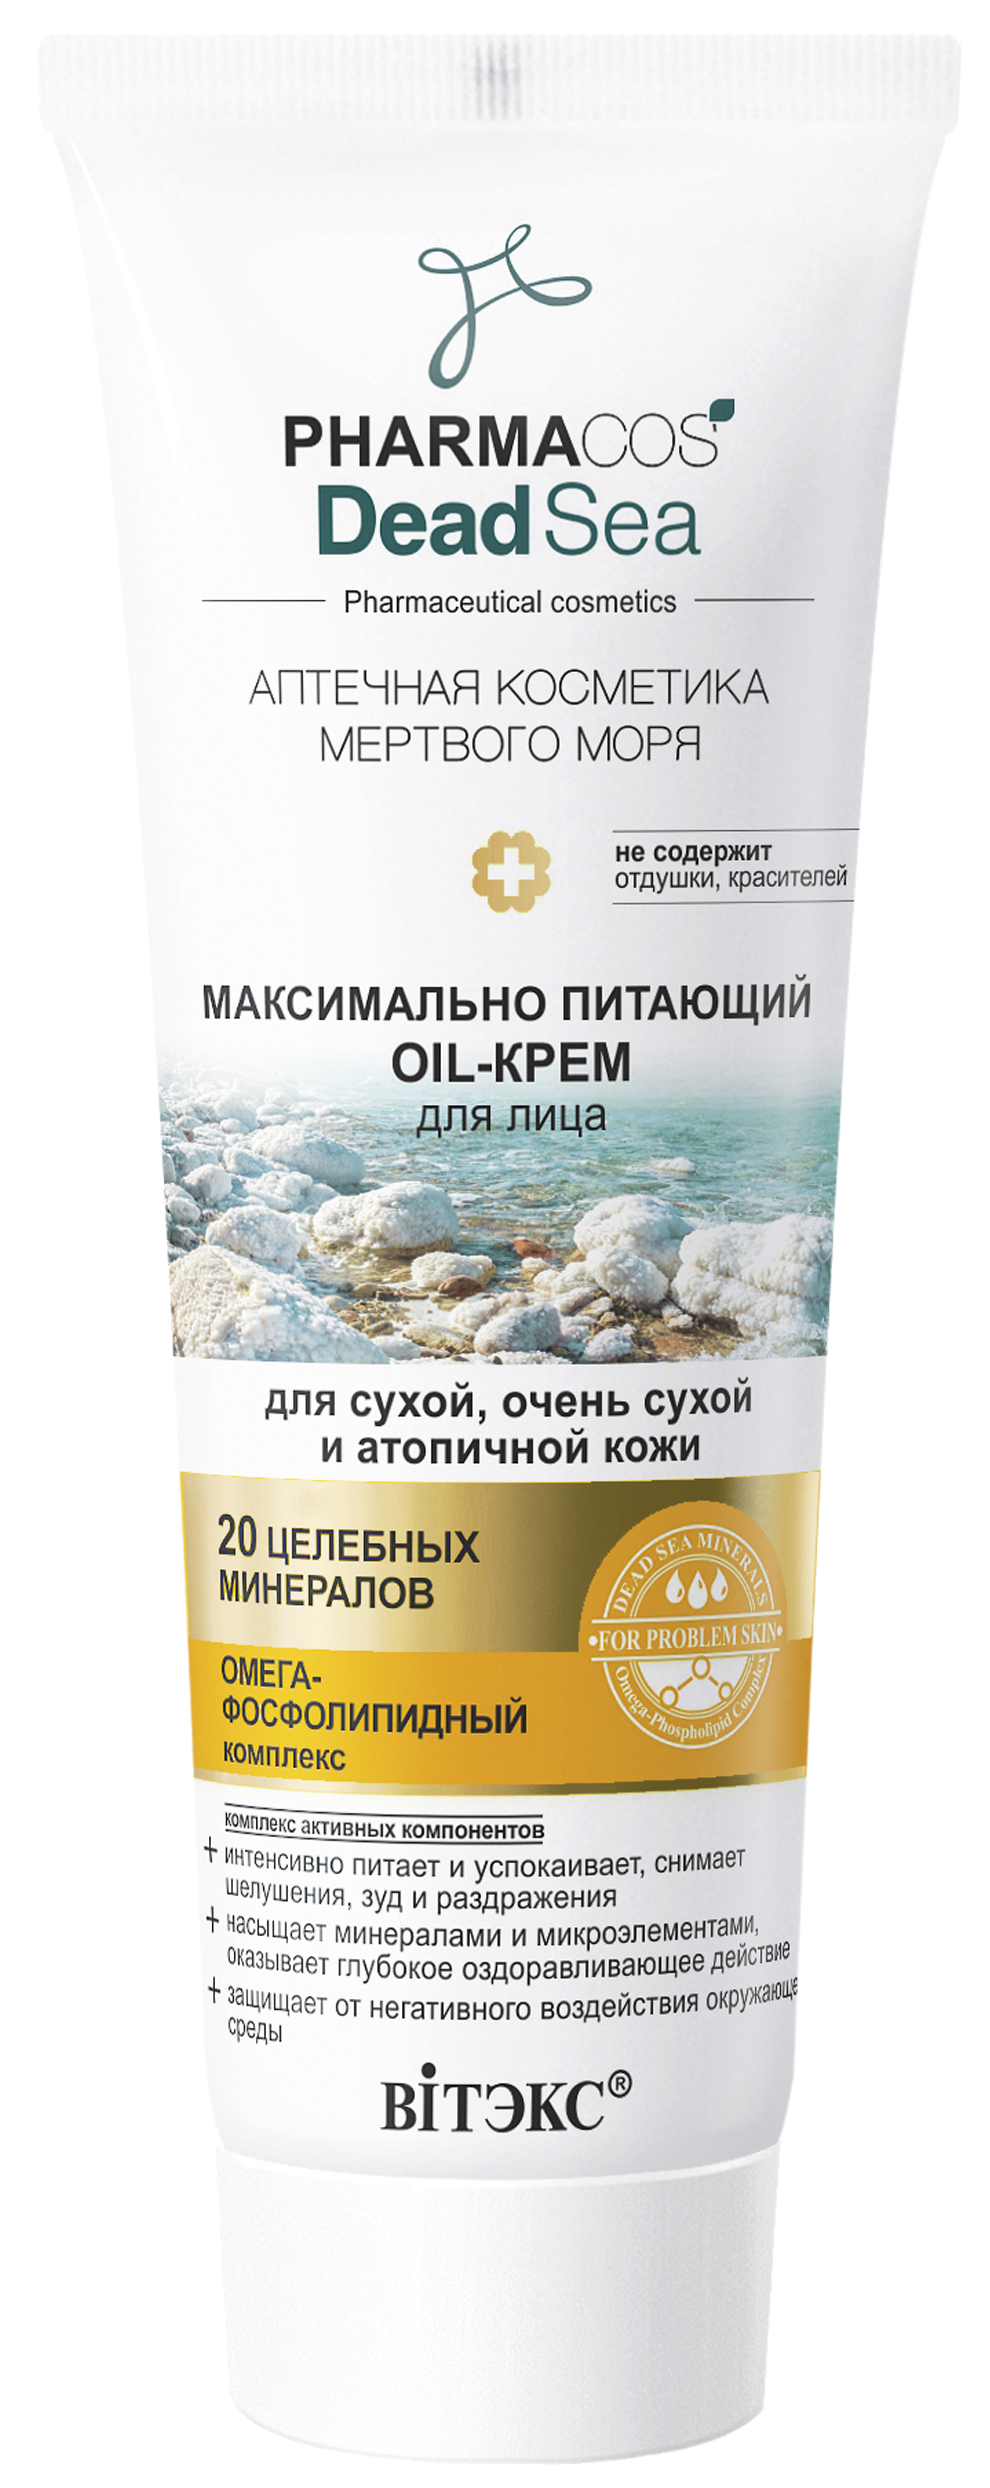 Крем для лица Витэкс Pharmacos dead sea Для сухой очень сухой и атопичной кожи